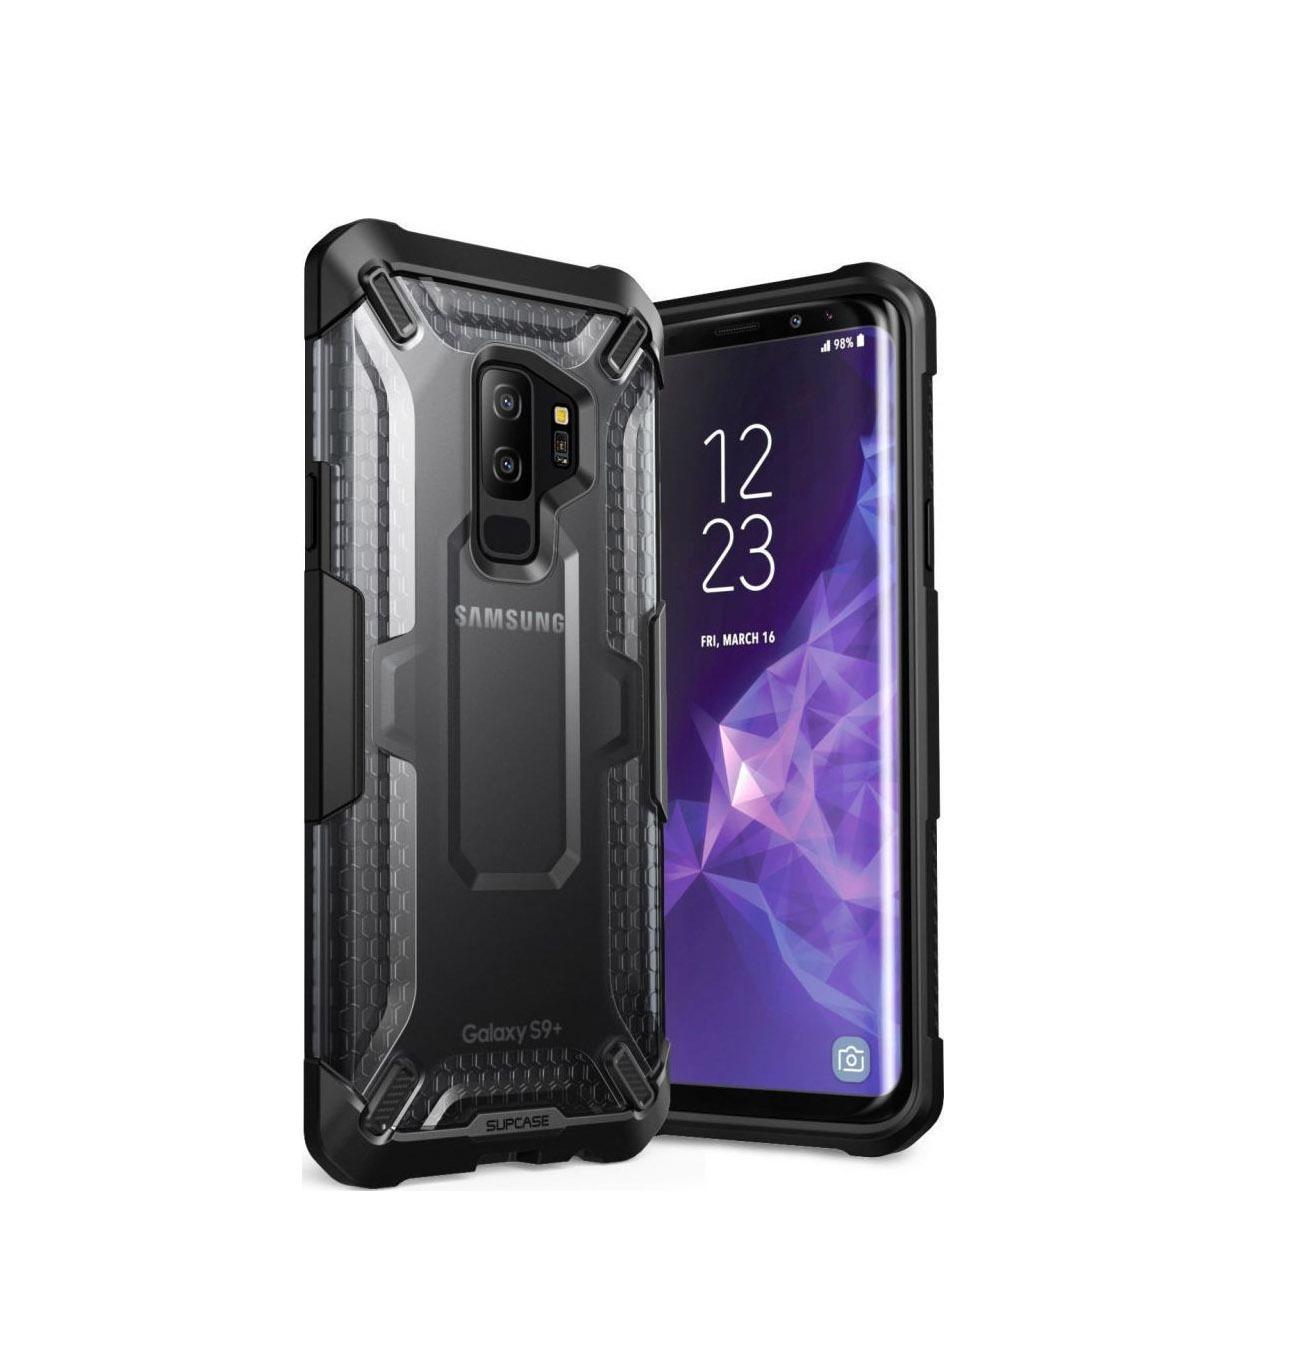 Θήκη Supcase Unicorn Hybrid για Samsung Galaxy S9 Plus G965 Frost/Black